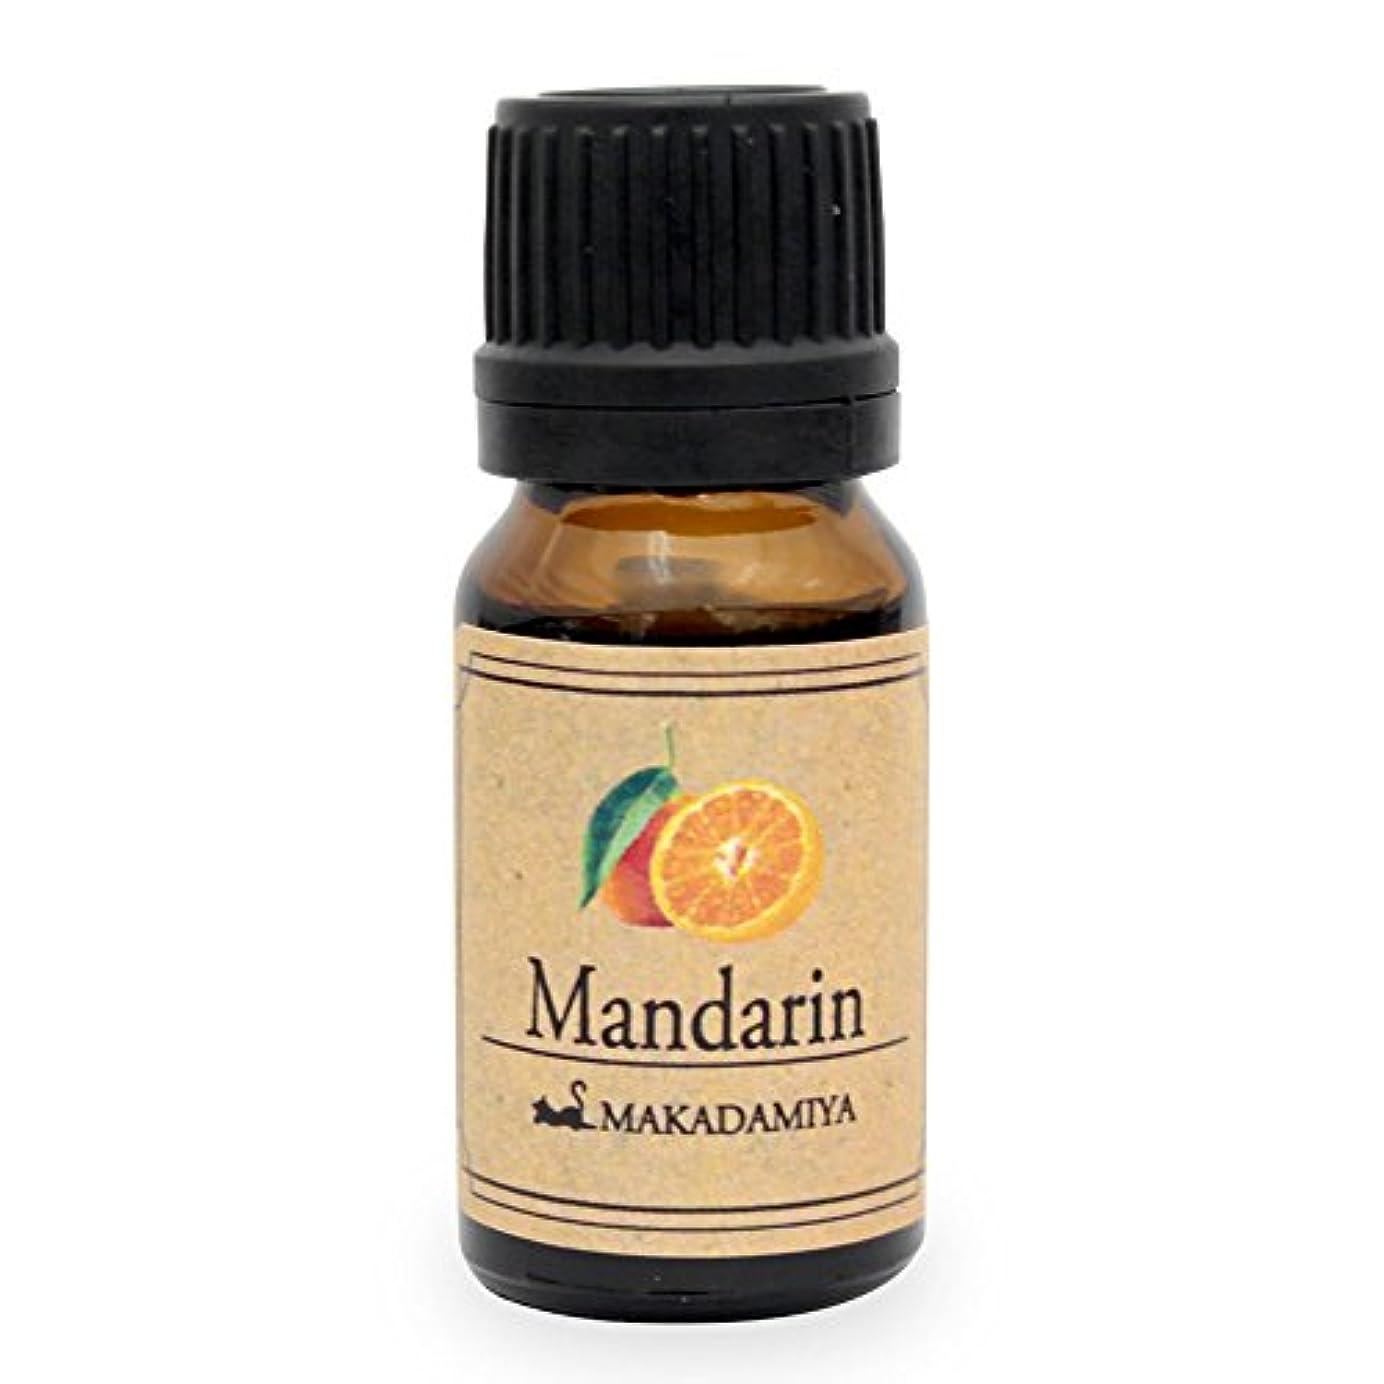 まばたき順応性のある服マンダリン10ml 天然100%植物性 エッセンシャルオイル(精油) アロマオイル アロママッサージ aroma Mandarin